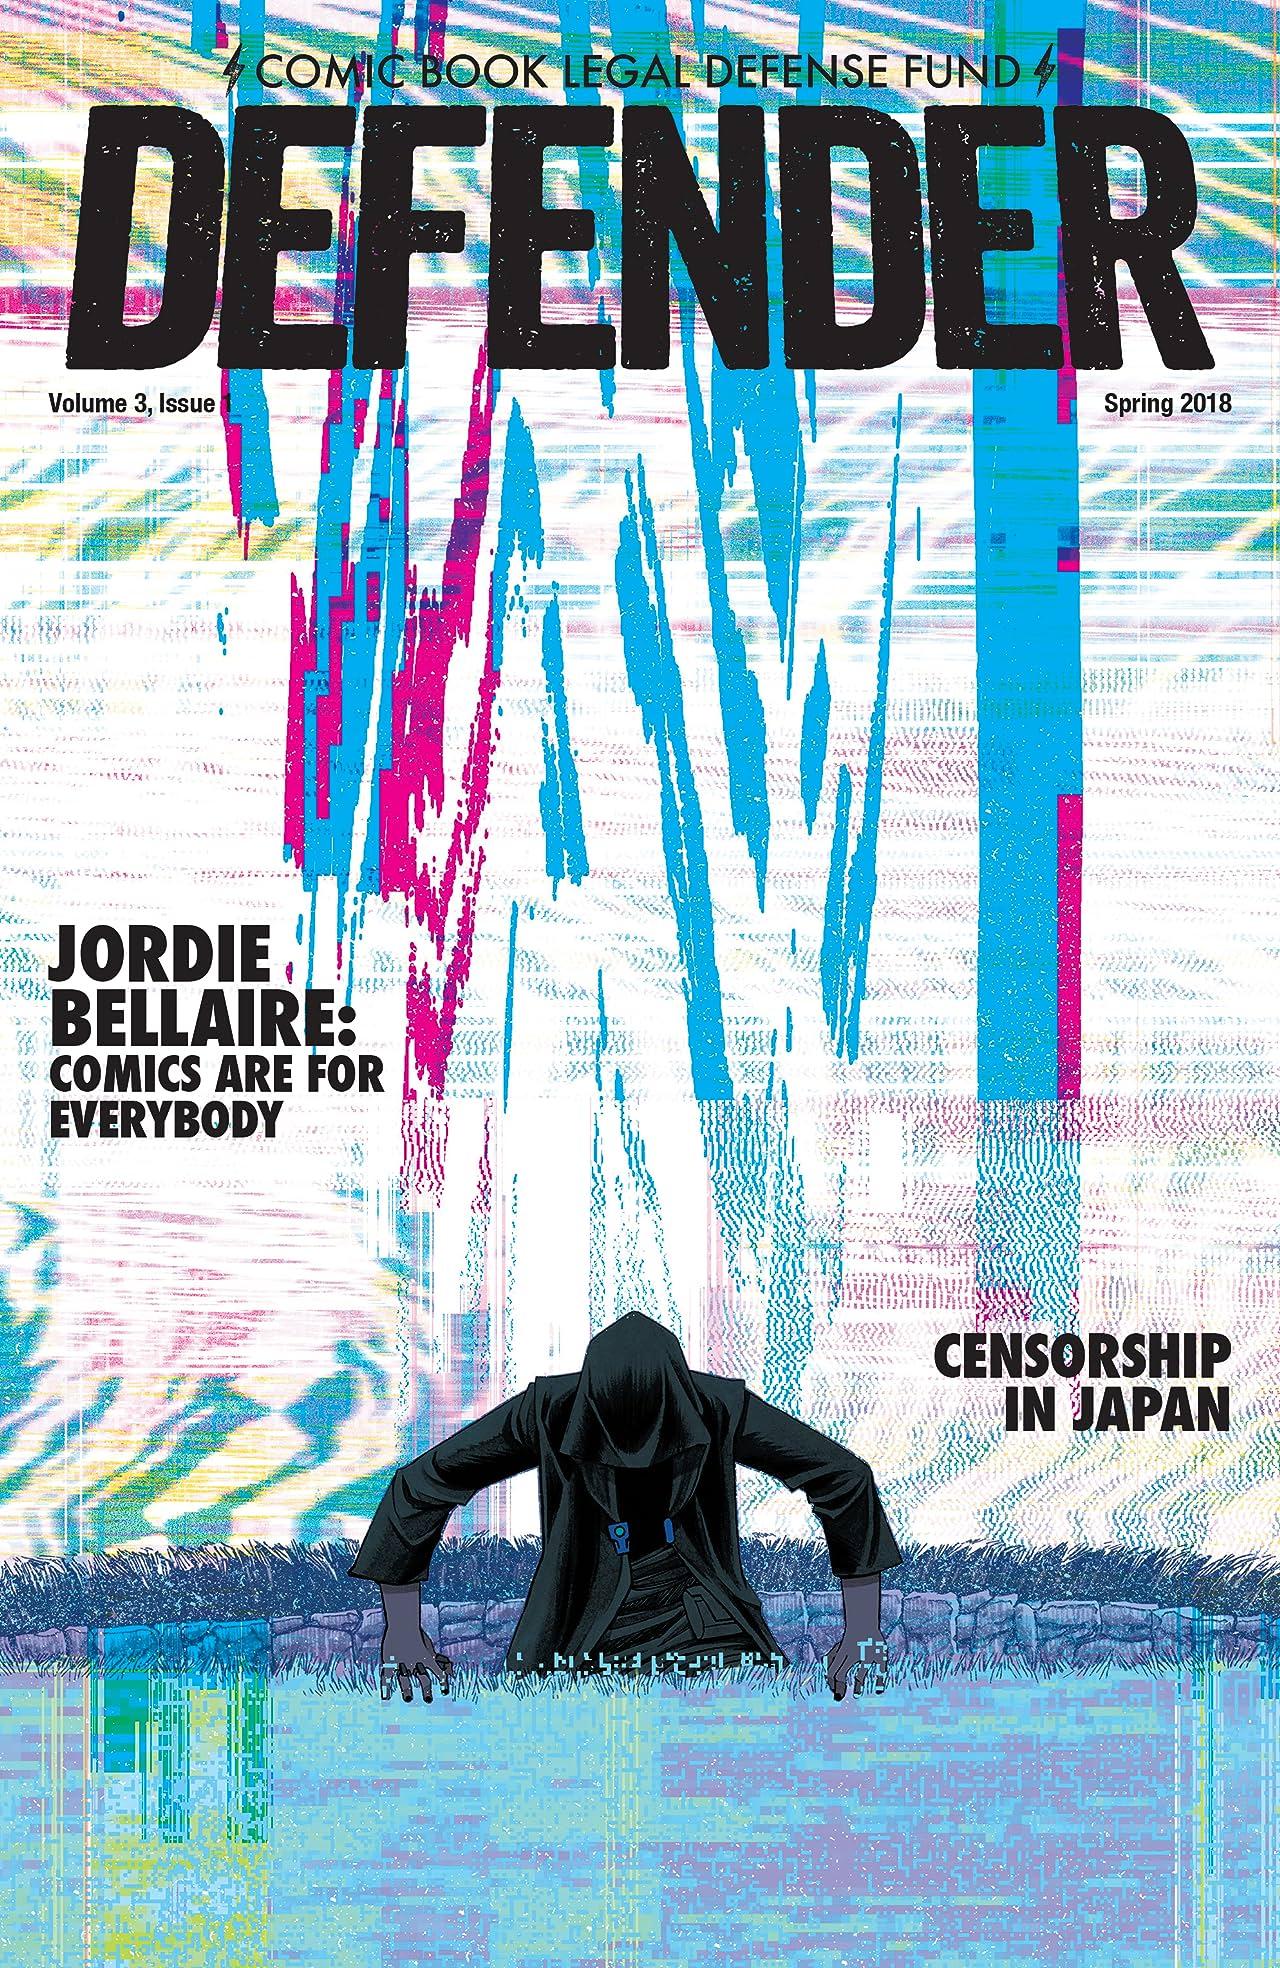 CBLDF Defender Vol. 3 #1